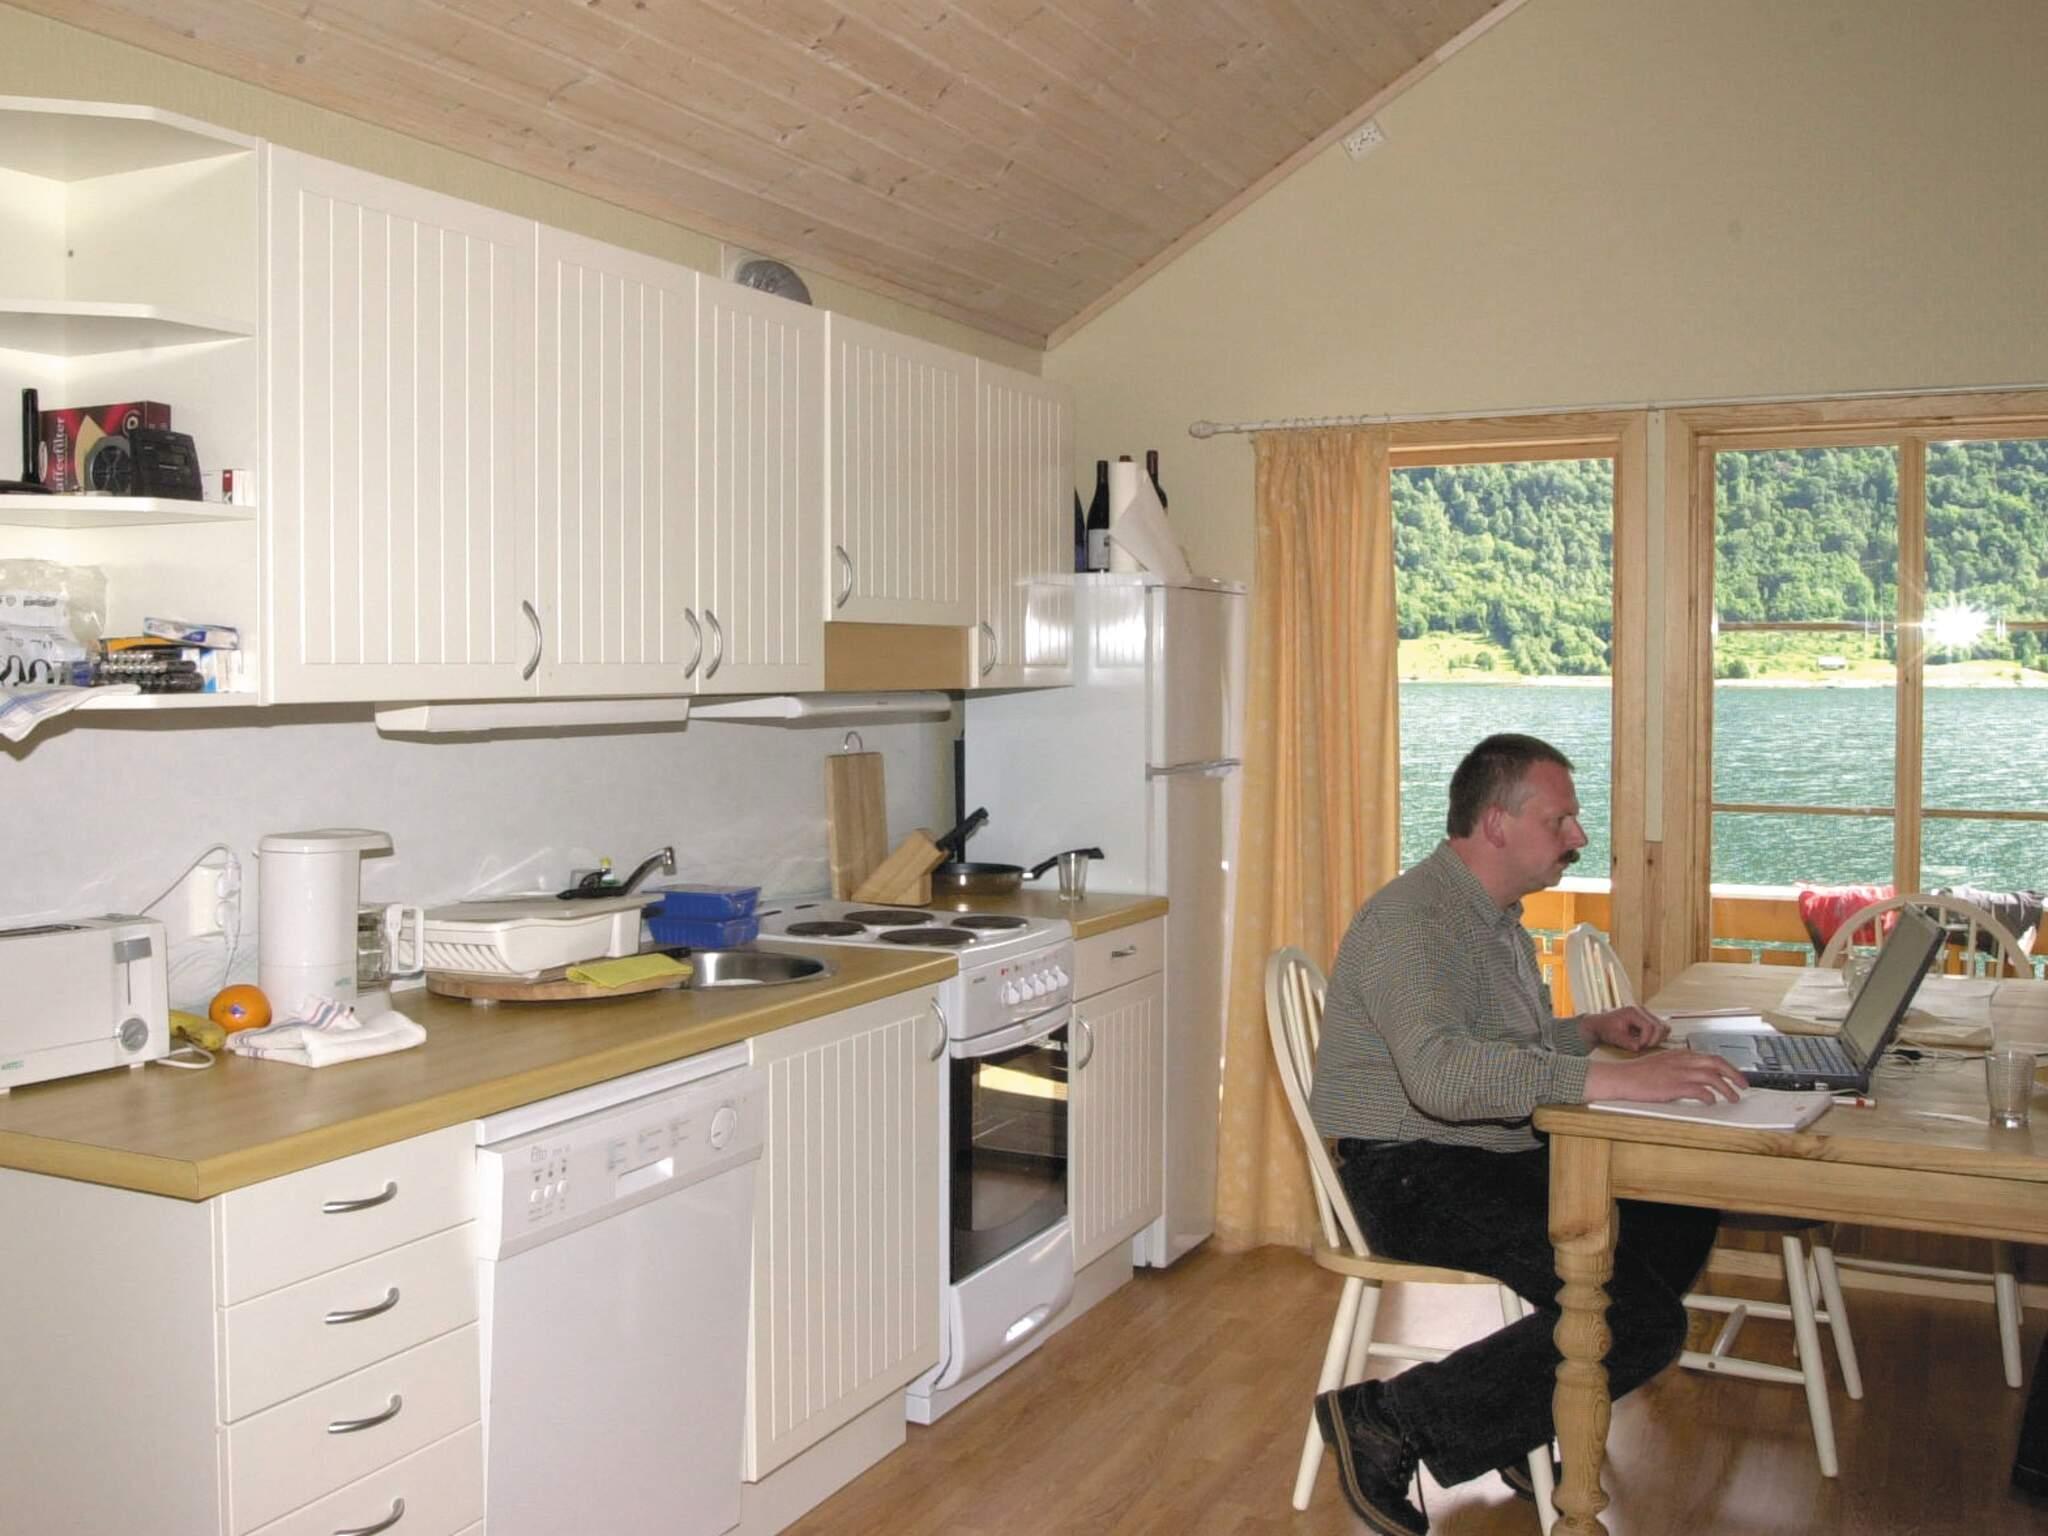 Ferienhaus Slinde (82396), Slinde, Sognefjord - Nordfjord, Westnorwegen, Norwegen, Bild 9